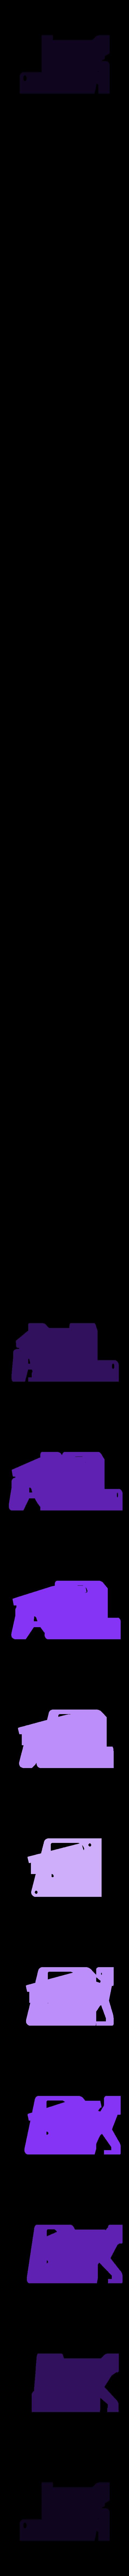 cr-blt-carriage.stl Télécharger fichier STL gratuit CReality (E2/3/4, CR10) double ventilateur de refroidissement 5015 pièces avec support BLTouch • Objet pour imprimante 3D, artspam